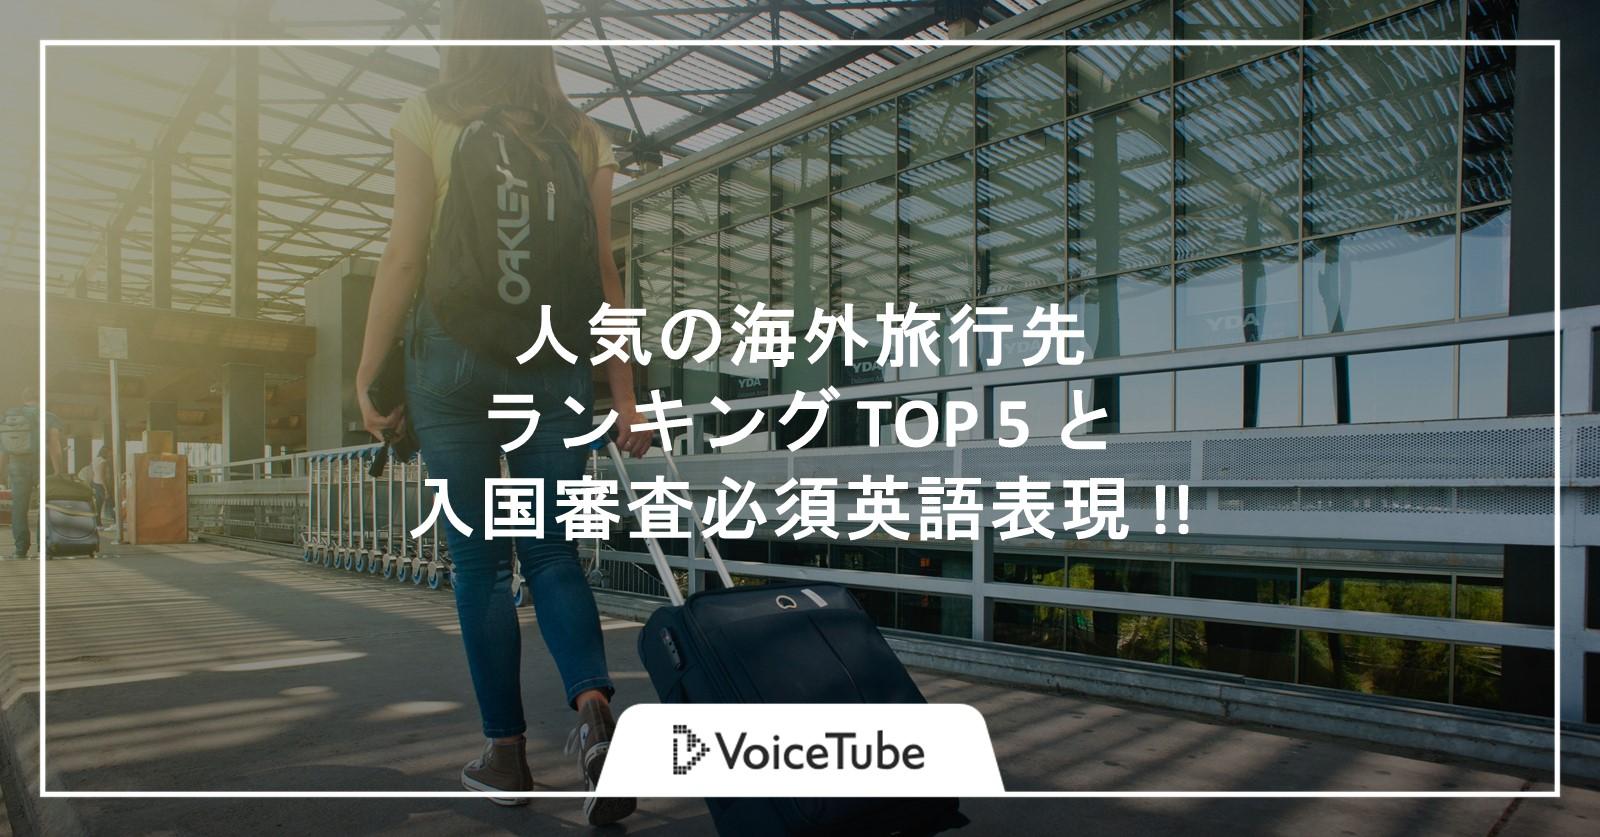 【2019年 夏】人気の海外旅行先ランキング TOP 5 と 入国審査必須英語表現 !!